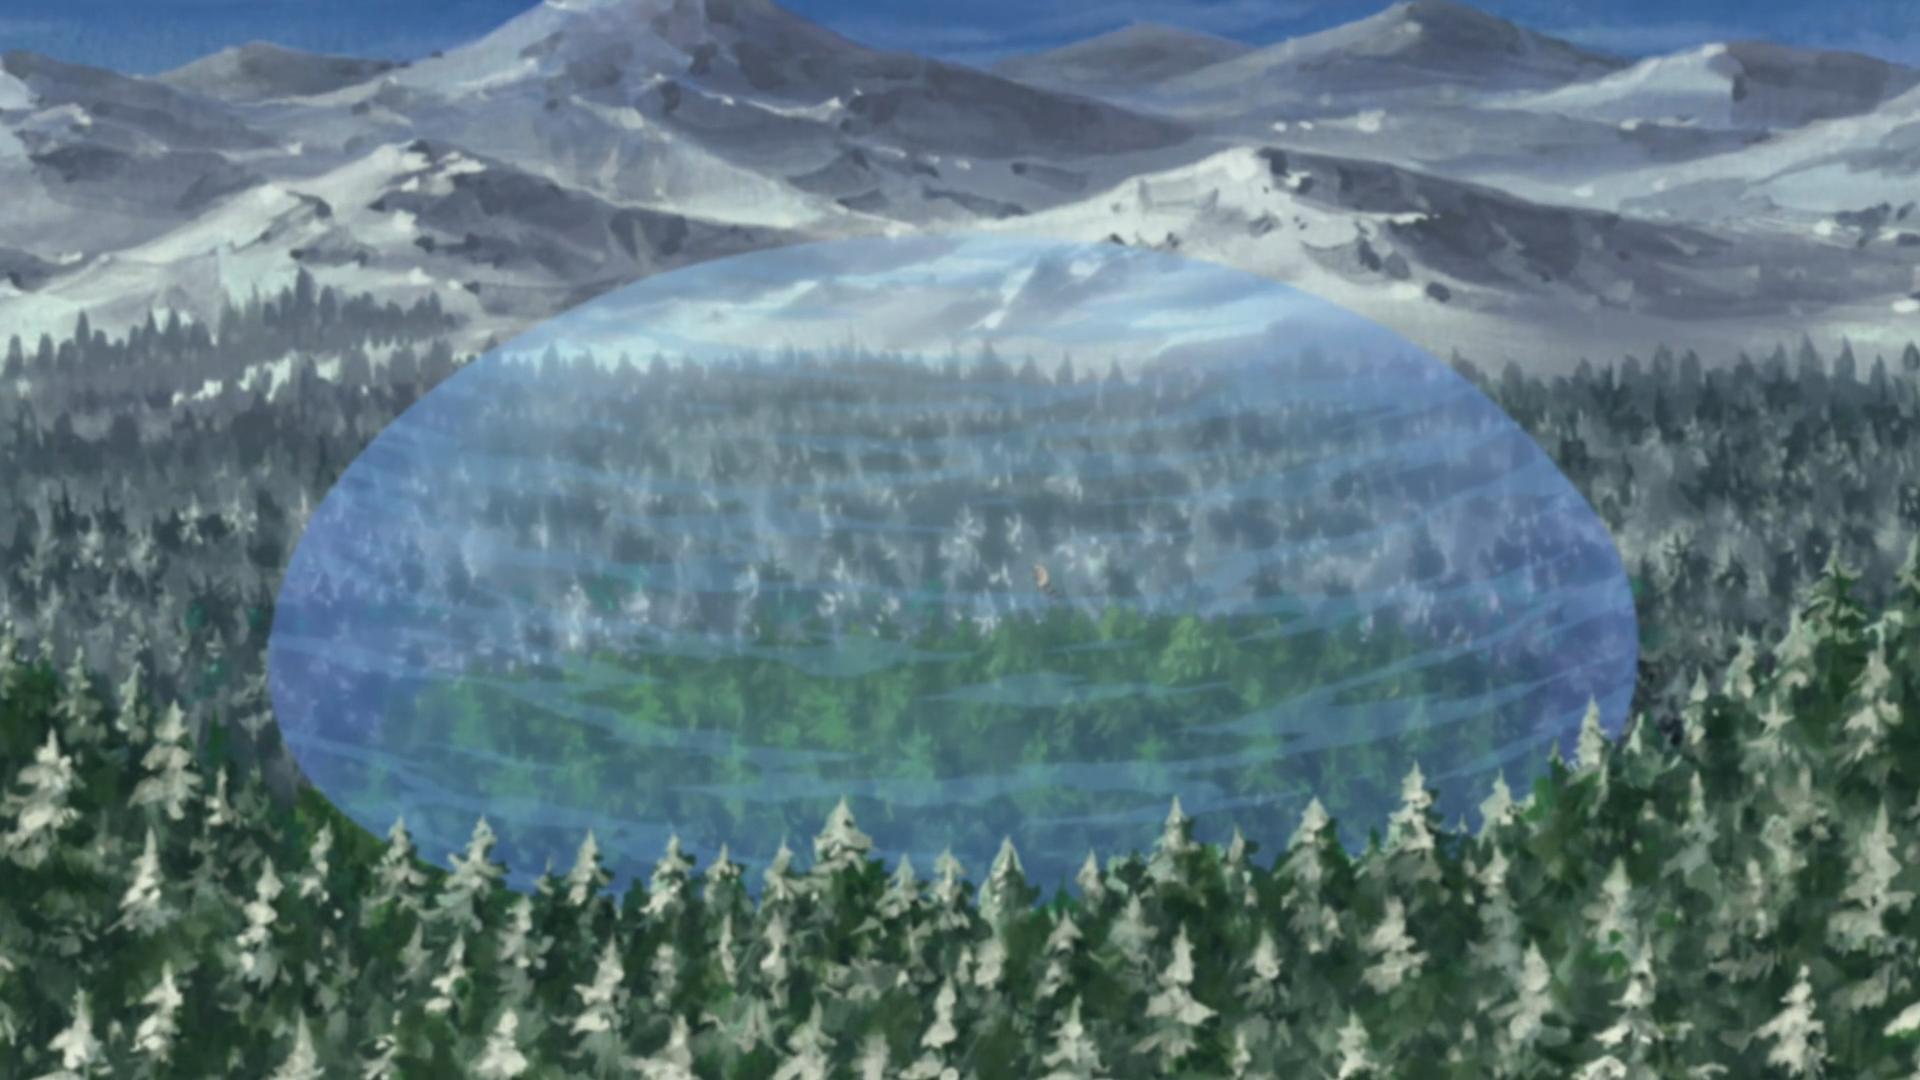 Suiton : Dai Bakusui Shoha Kisame Hoshigaki